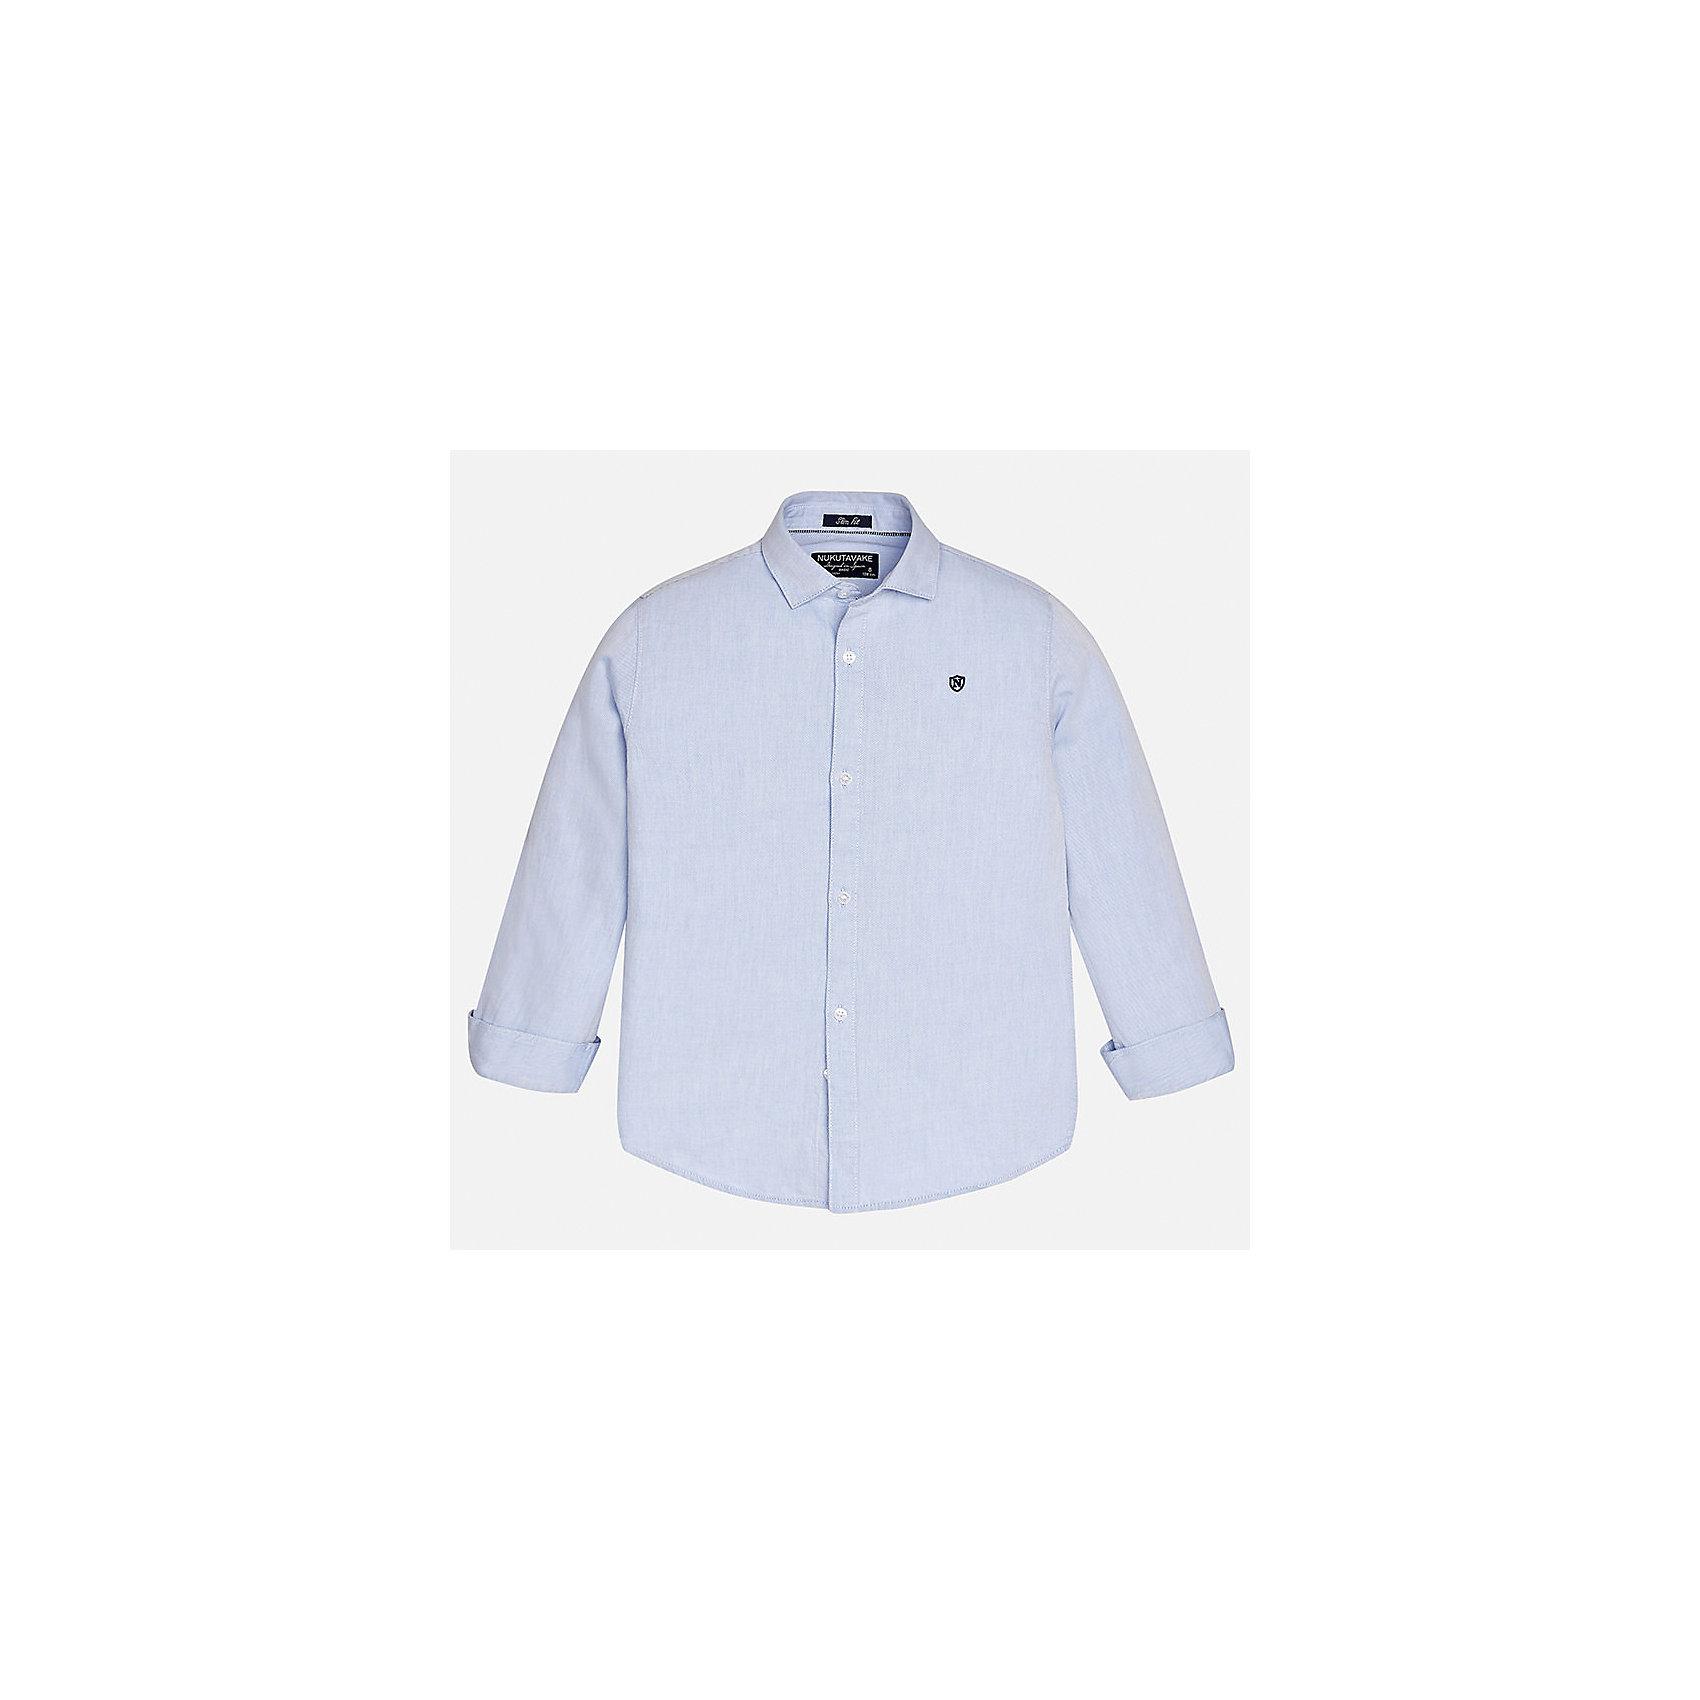 Рубашка для мальчика MayoralБлузки и рубашки<br>Характеристики товара:<br><br>• цвет: голубой;<br>• состав ткани: 100% хлопок;<br>• длинный рукав;<br>• однотонная<br>• сезон: круглый год;<br>•  школьная;<br>• страна бренда: Испания;<br>• страна изготовитель: Индия.<br><br>Рубашка для мальчика от популярного бренда Mayoral из натурального 100% хлопка, декорирована вышивкой в виде логотипа на груди. Очень практичная и долгая в носке, цвет нетускнеет. Благодаря акктуальною крою slim fit (немного зауженной к низу), можно носить как заправленную в брюки, так и на выпуск, смотрится аккуратно и стильно. <br><br>Для производства детской одежды популярный бренд Mayoral используют только качественную фурнитуру и материалы. Оригинальные и модные вещи от Майорал неизменно привлекают внимание и нравятся детям.<br><br>Рубашку  для мальчика Mayoral (Майорал) можно купить в нашем интернет-магазине.<br><br>Ширина мм: 174<br>Глубина мм: 10<br>Высота мм: 169<br>Вес г: 157<br>Цвет: голубой<br>Возраст от месяцев: 168<br>Возраст до месяцев: 180<br>Пол: Мужской<br>Возраст: Детский<br>Размер: 170,128/134,140,152,158,164<br>SKU: 6932265